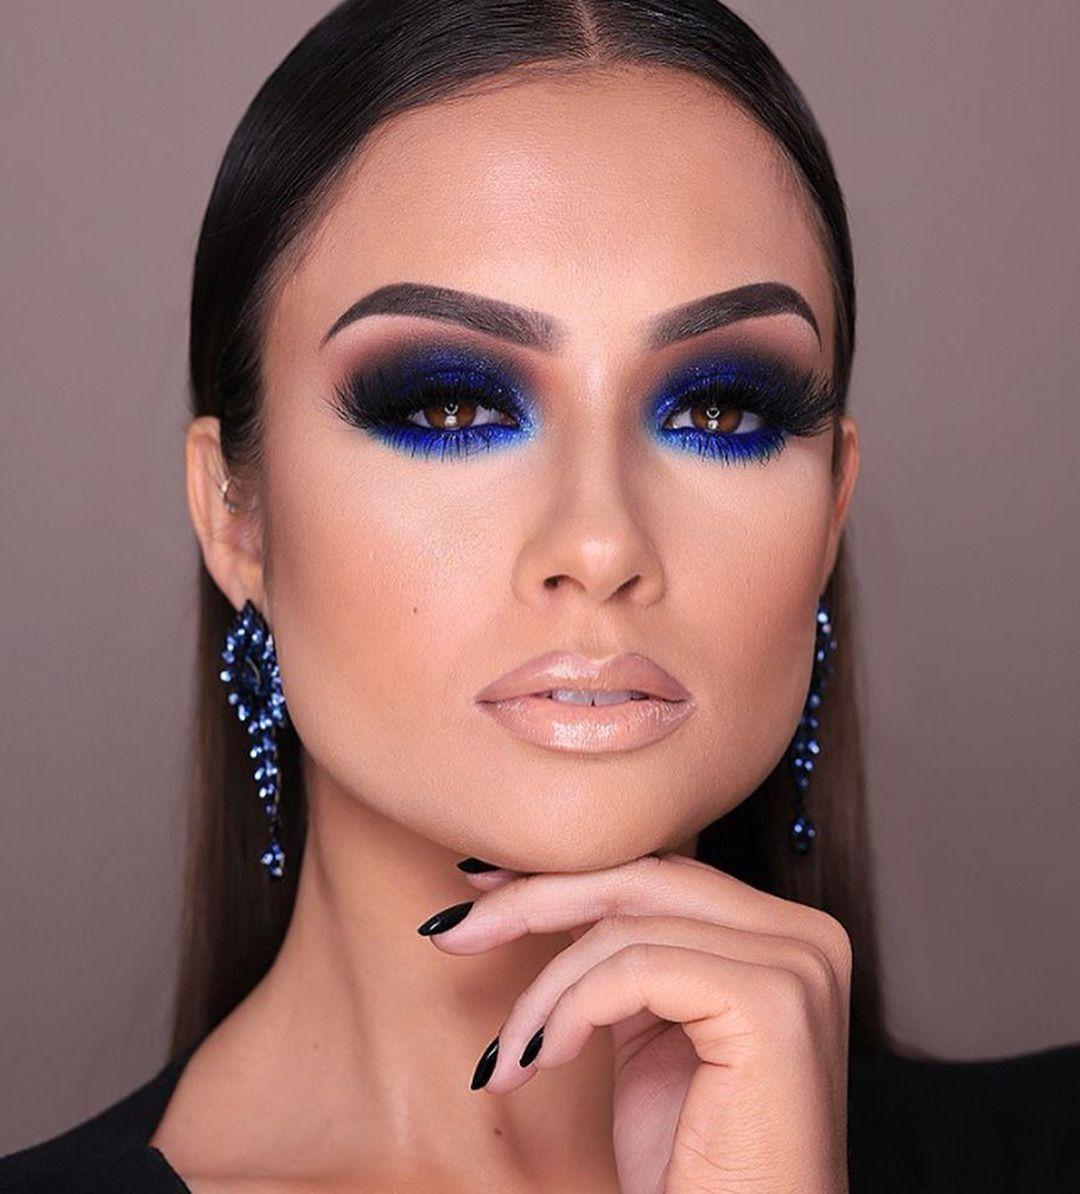 макияж синего цвета фото коктейльных платьев подтверждают